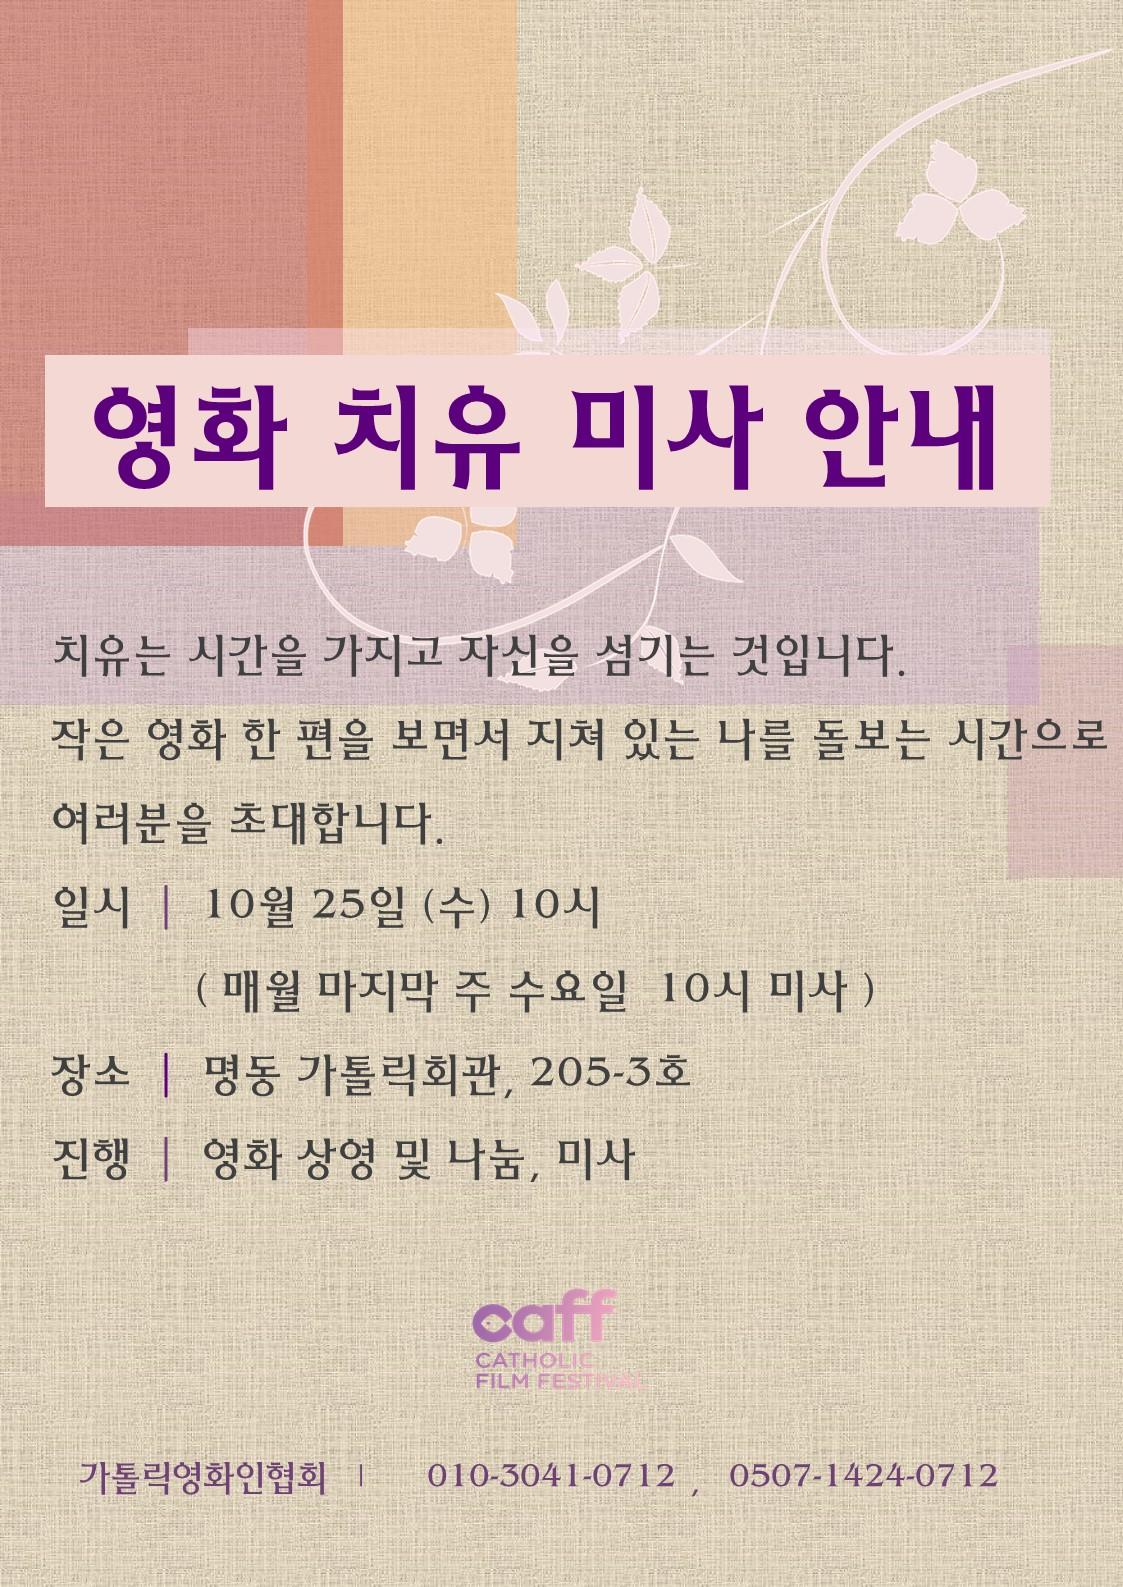 영화치유미사 포스터_10월.jpg